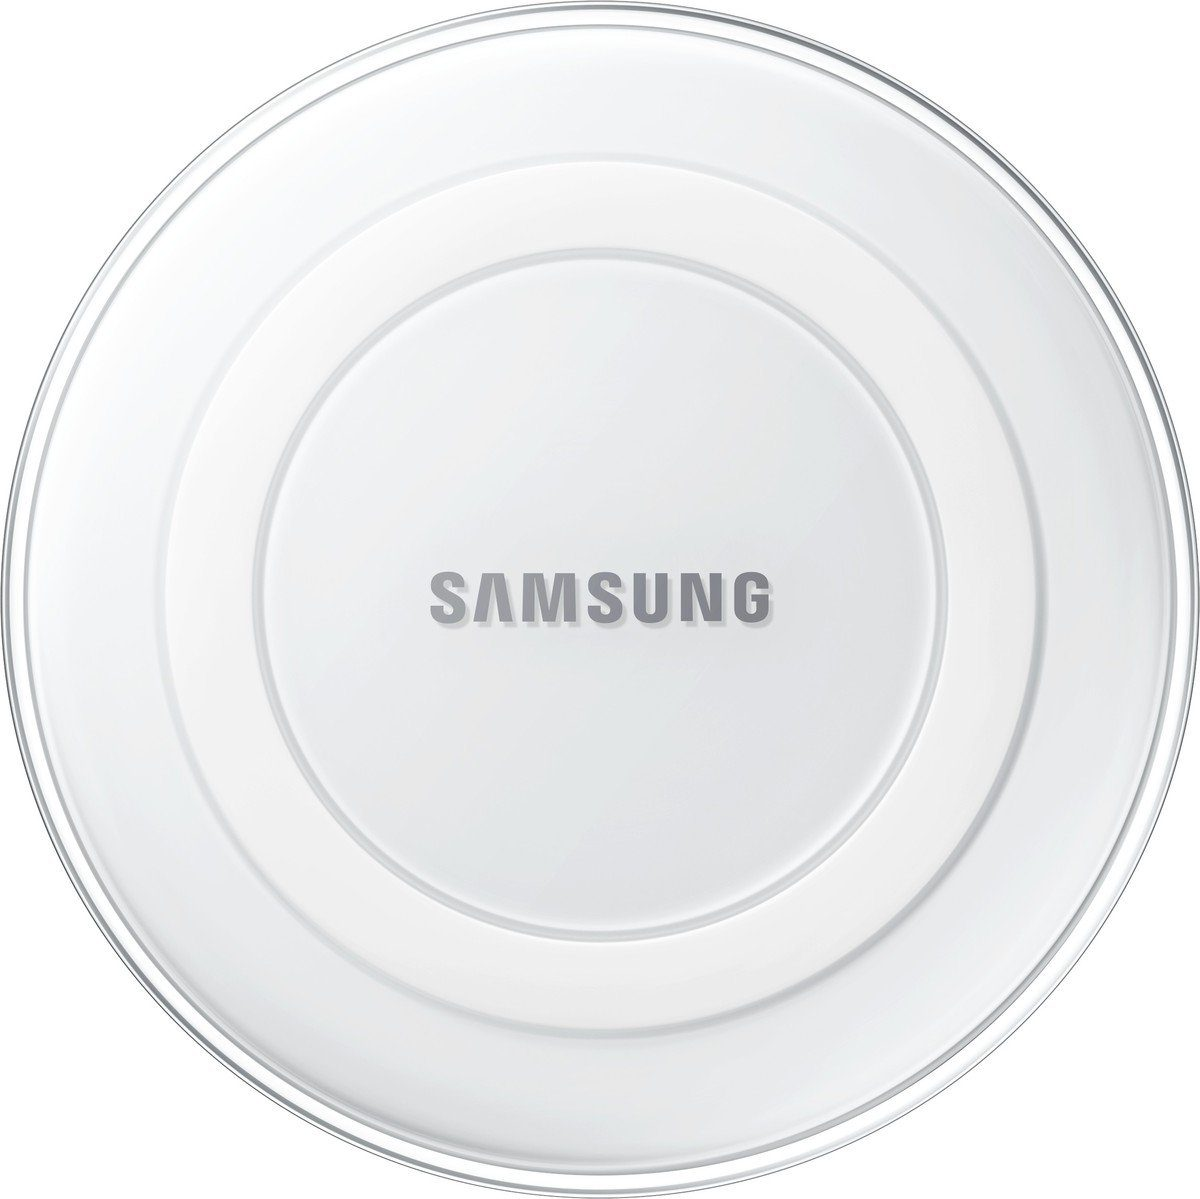 Samsung Lader »Induktive Ladestation EP-PG920, Weiß«